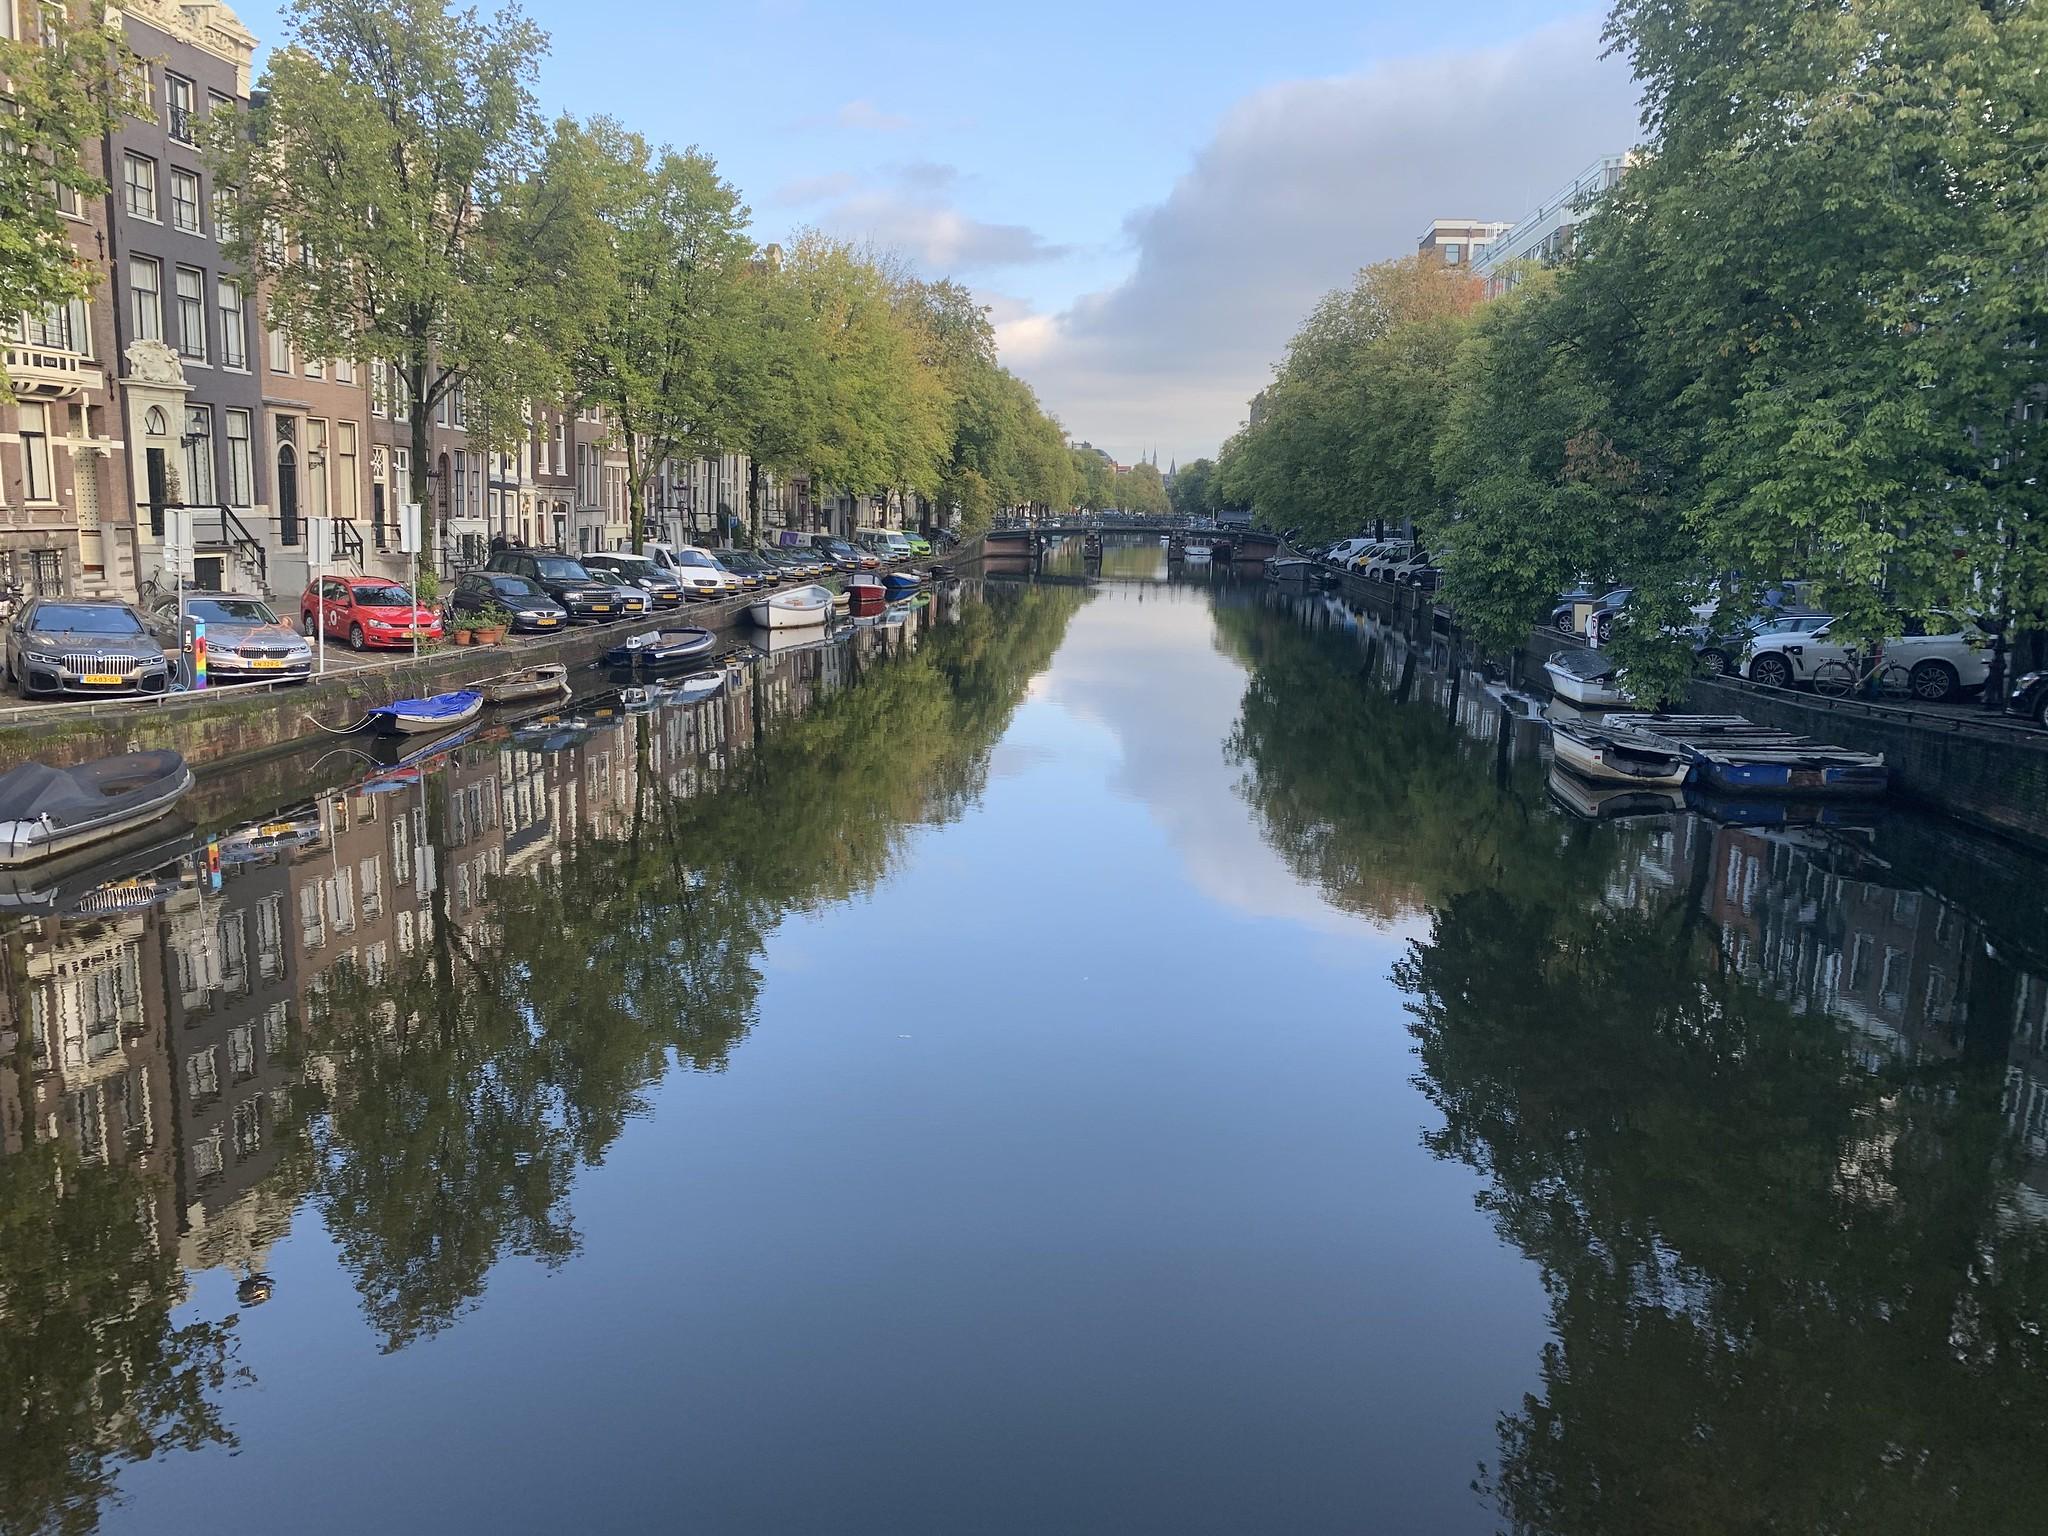 Amsterdam, grachten, bedrijfsuitje, varen, herengracht